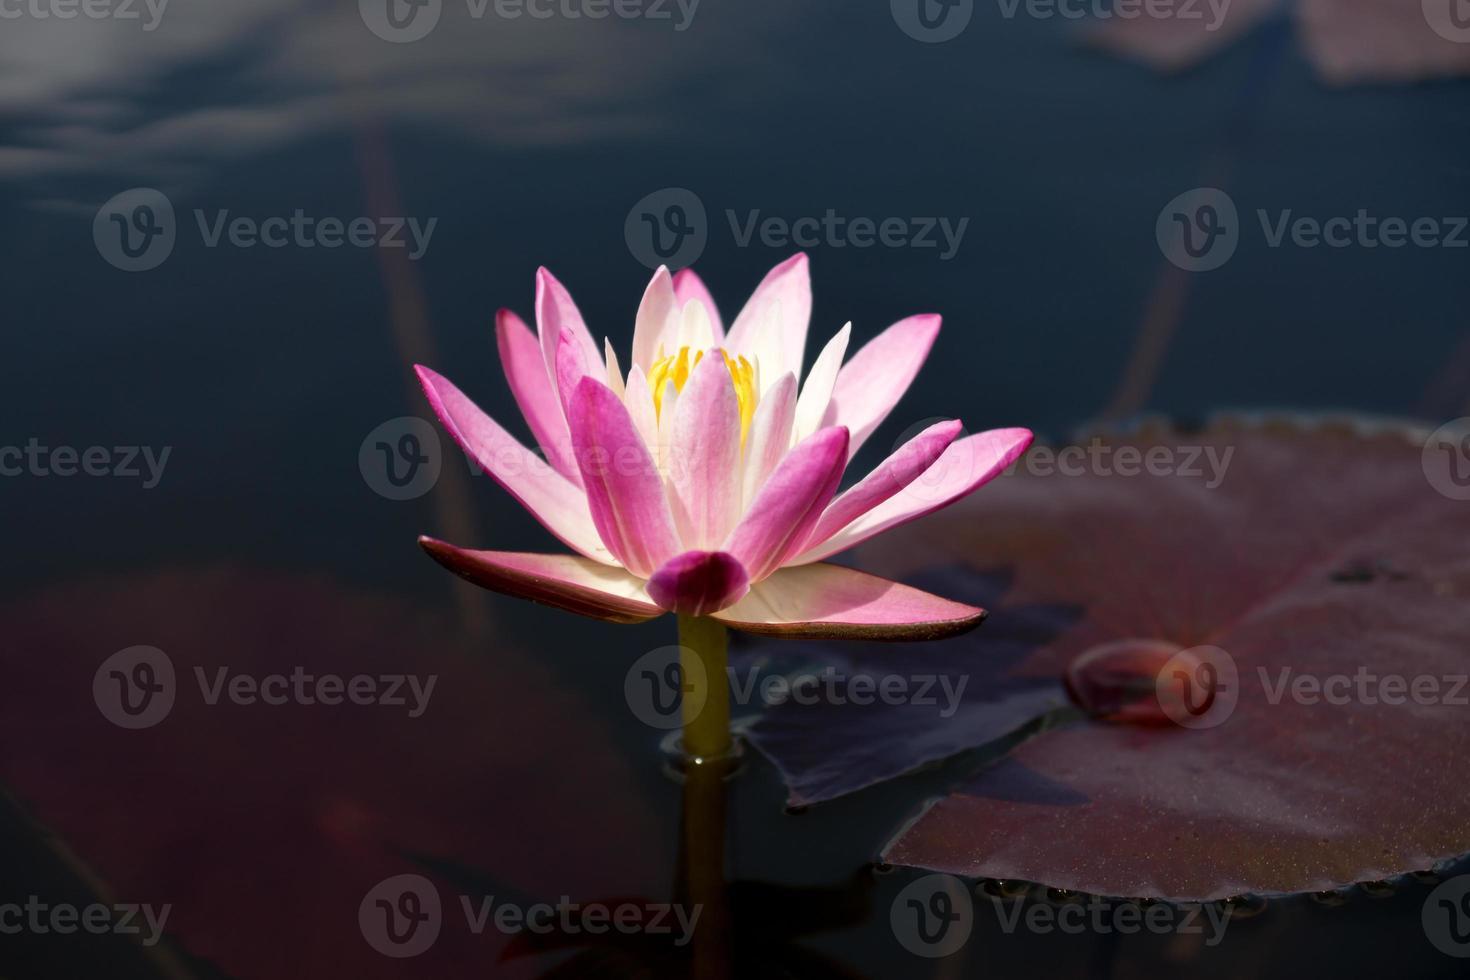 Pink waterlily flower. (Lotus) photo